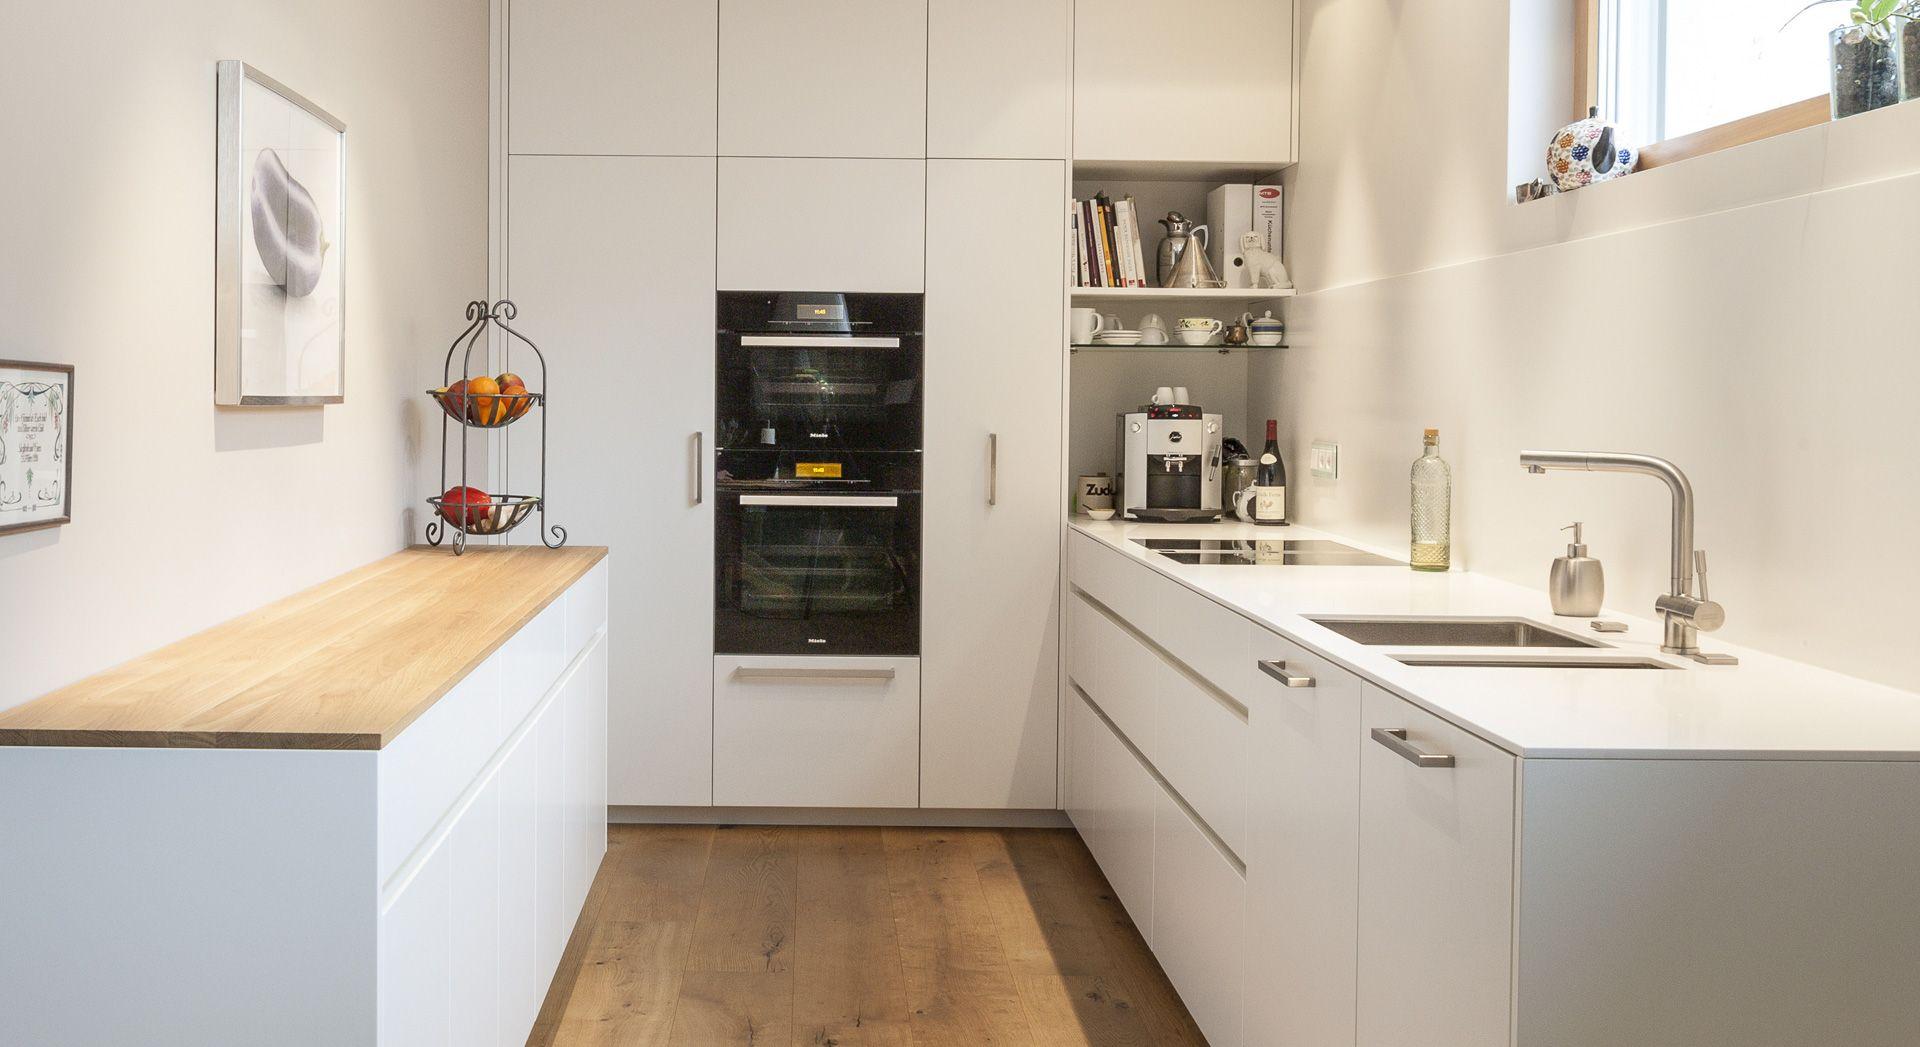 Grifflose Kuche Von Ikea Kuche Mit Insellosung Kuchen Ekelhoff